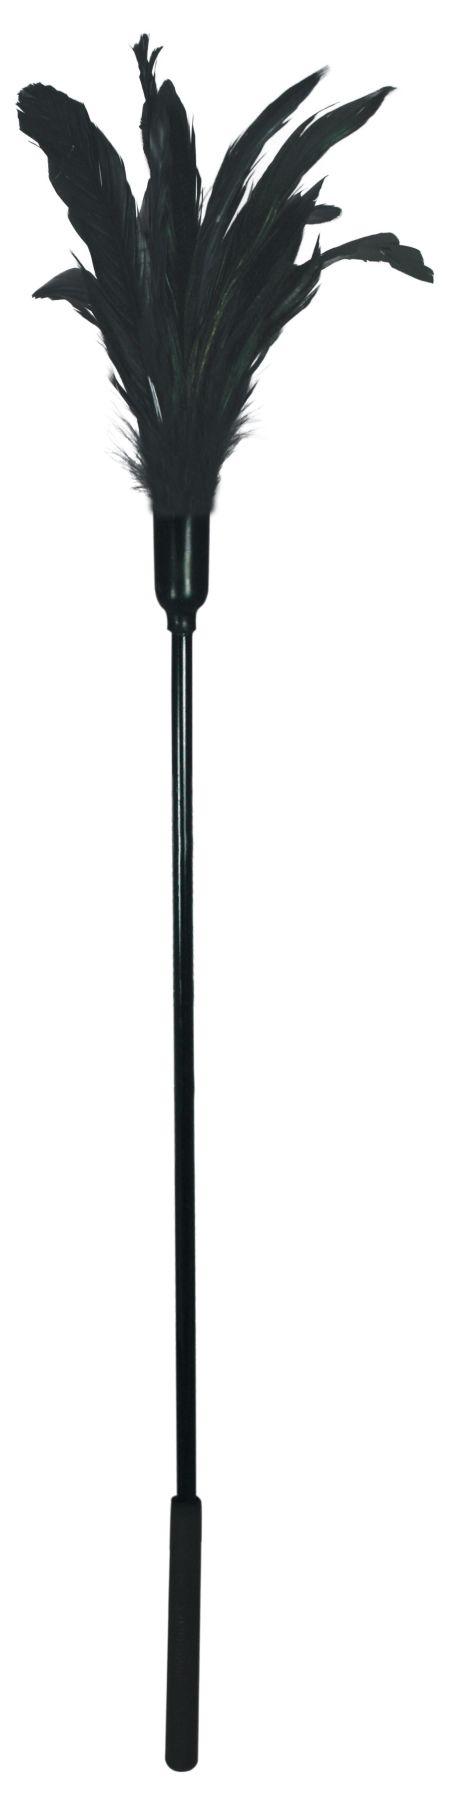 БДСМ метелочки и щекоталочки - Щекоталка с петушиными перьями Sportsheets Starburst Tickler Черная